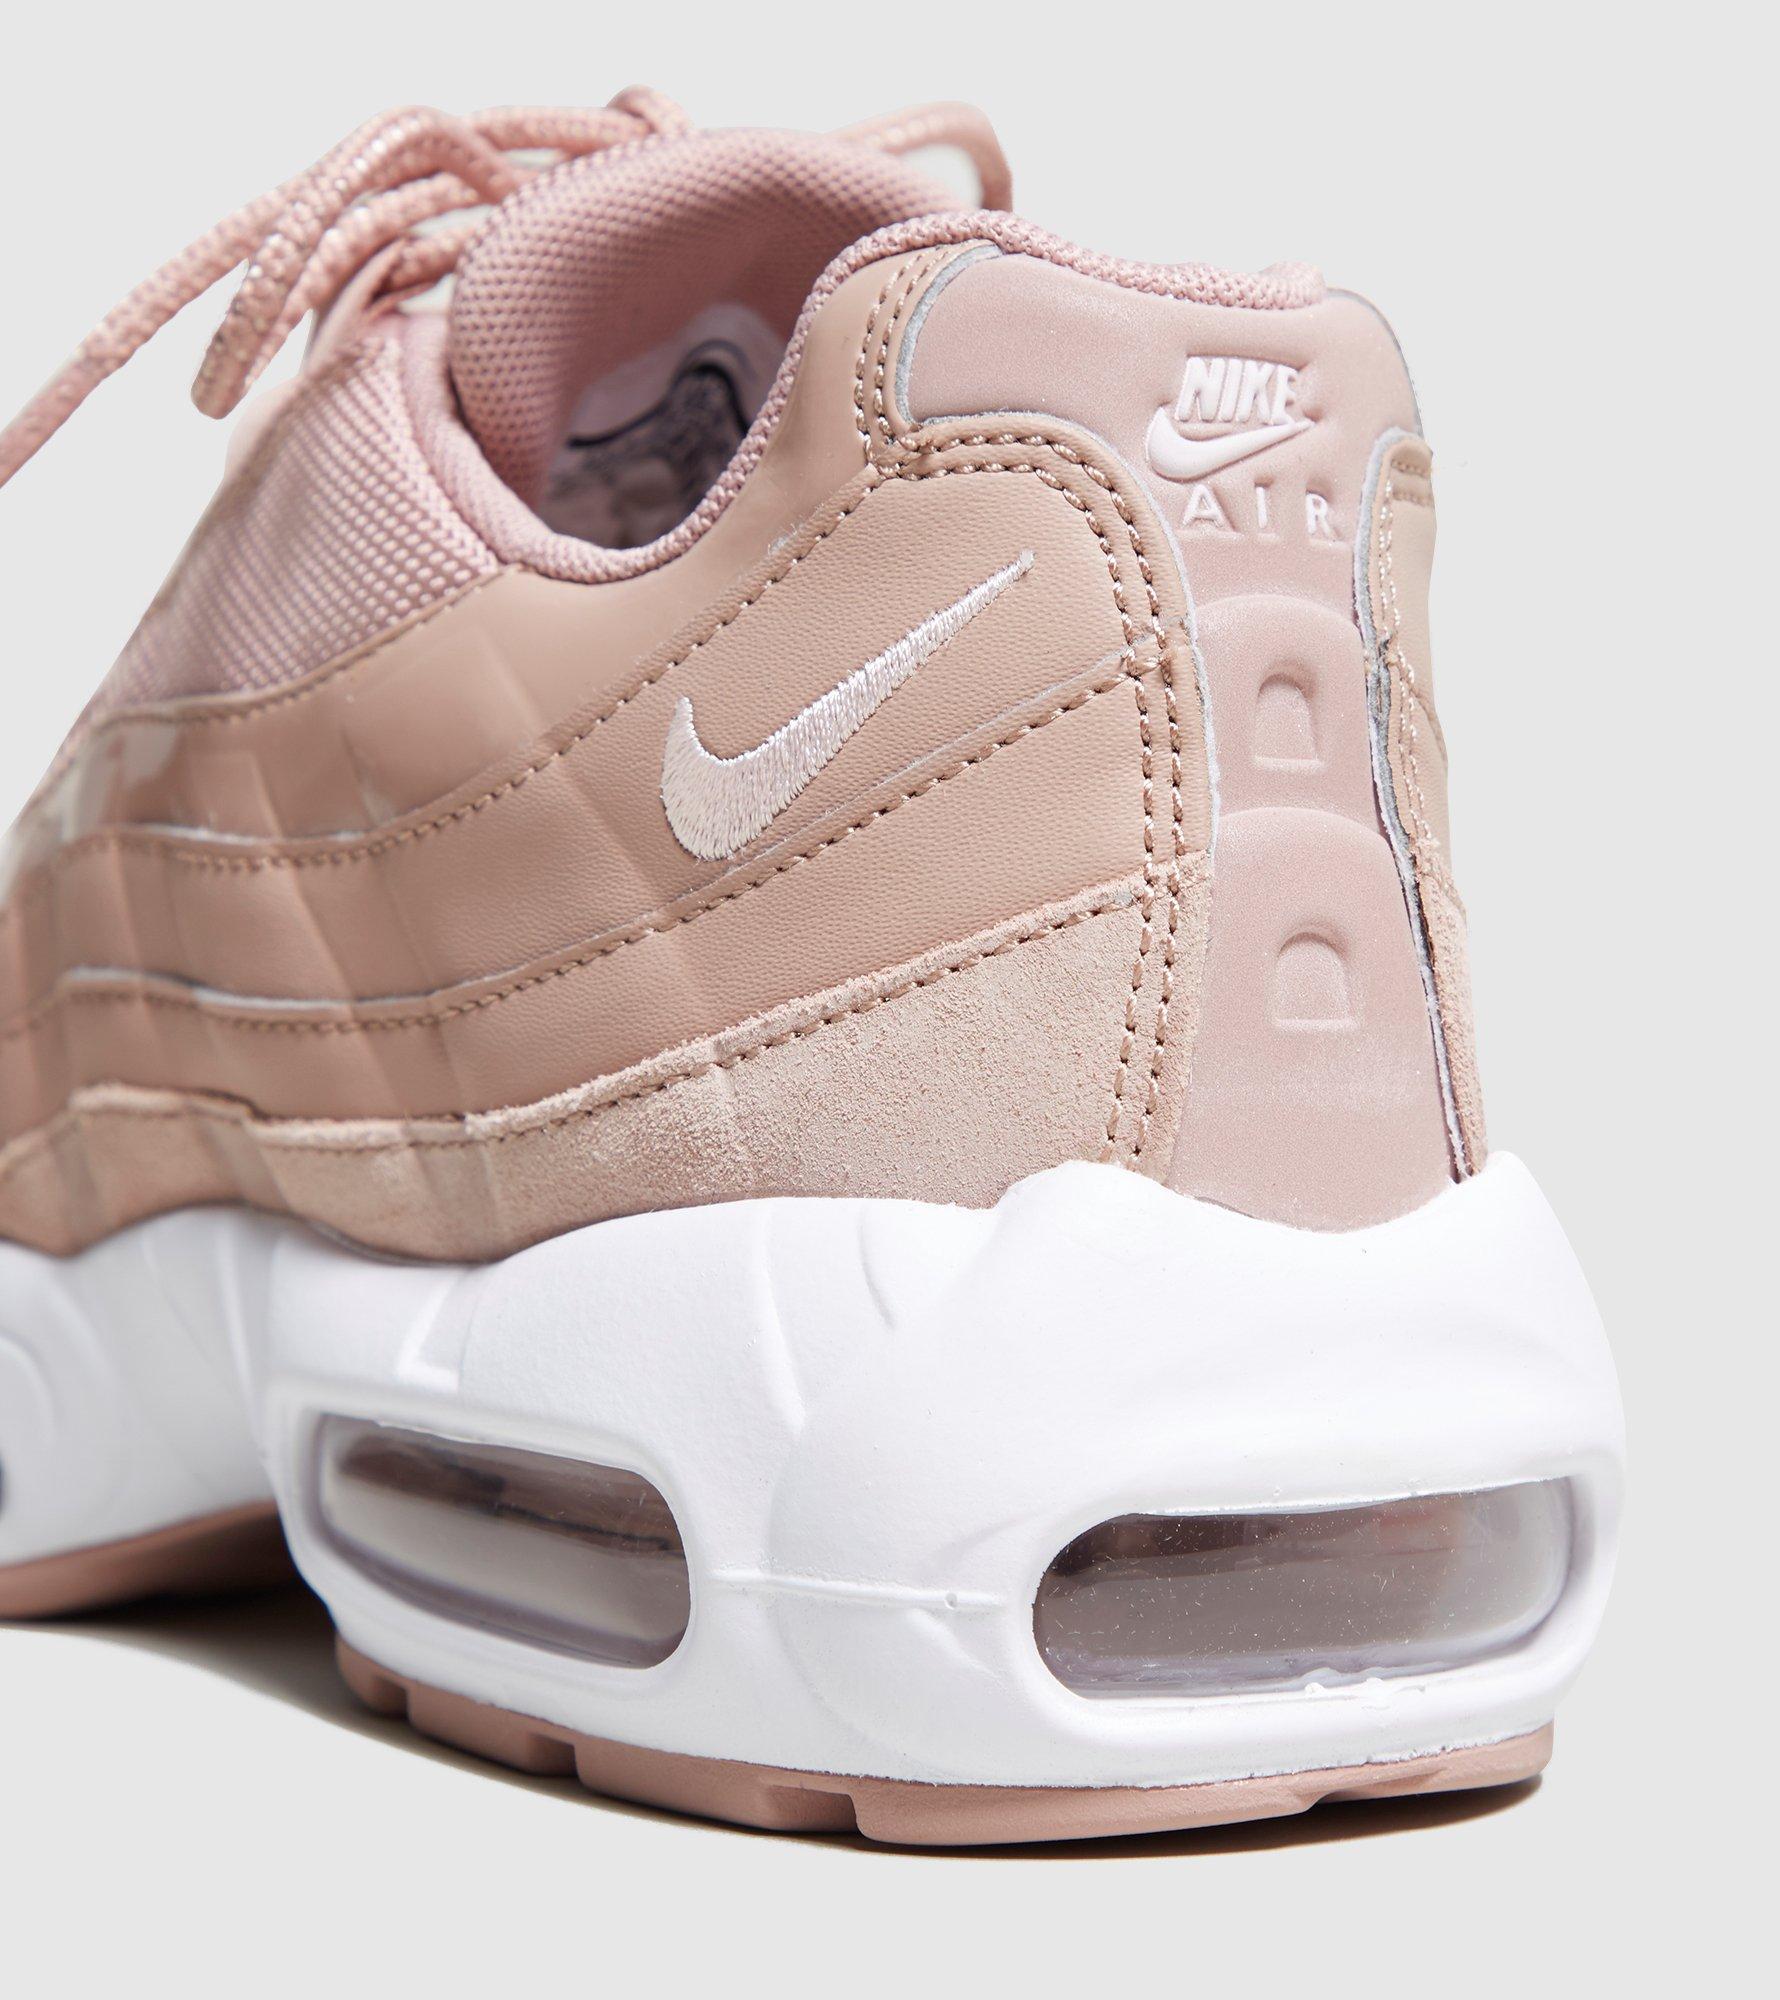 cheap for discount eea88 f2265 ... Valeur Nike Air b0fe436 Max 95 Femme Chaussures De Gymnastique LAVO1271  8799896f d968a5b air max 95 femme efc66eee ...